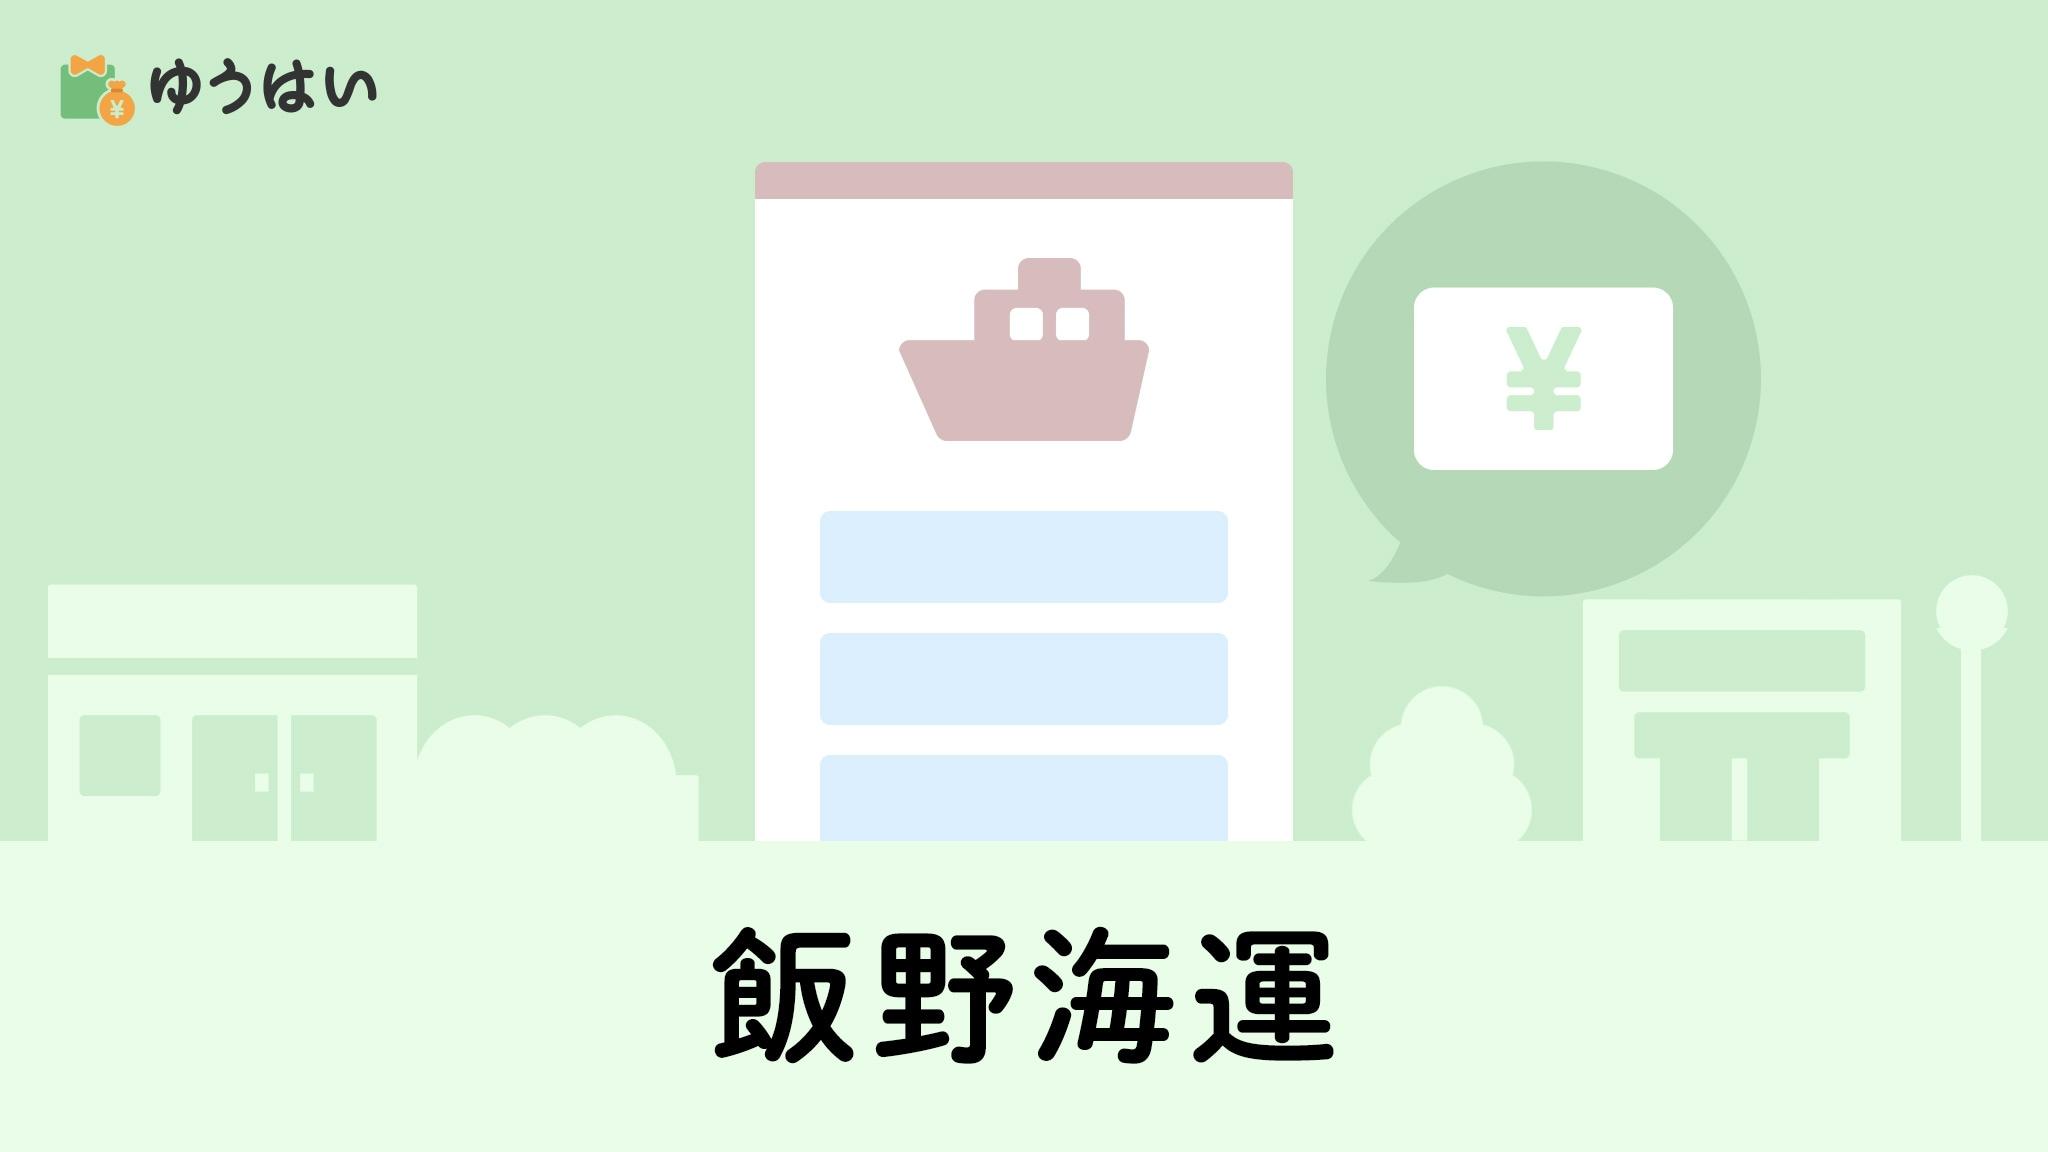 ゆうはい 飯野海運(9119)の株主優待と配当金